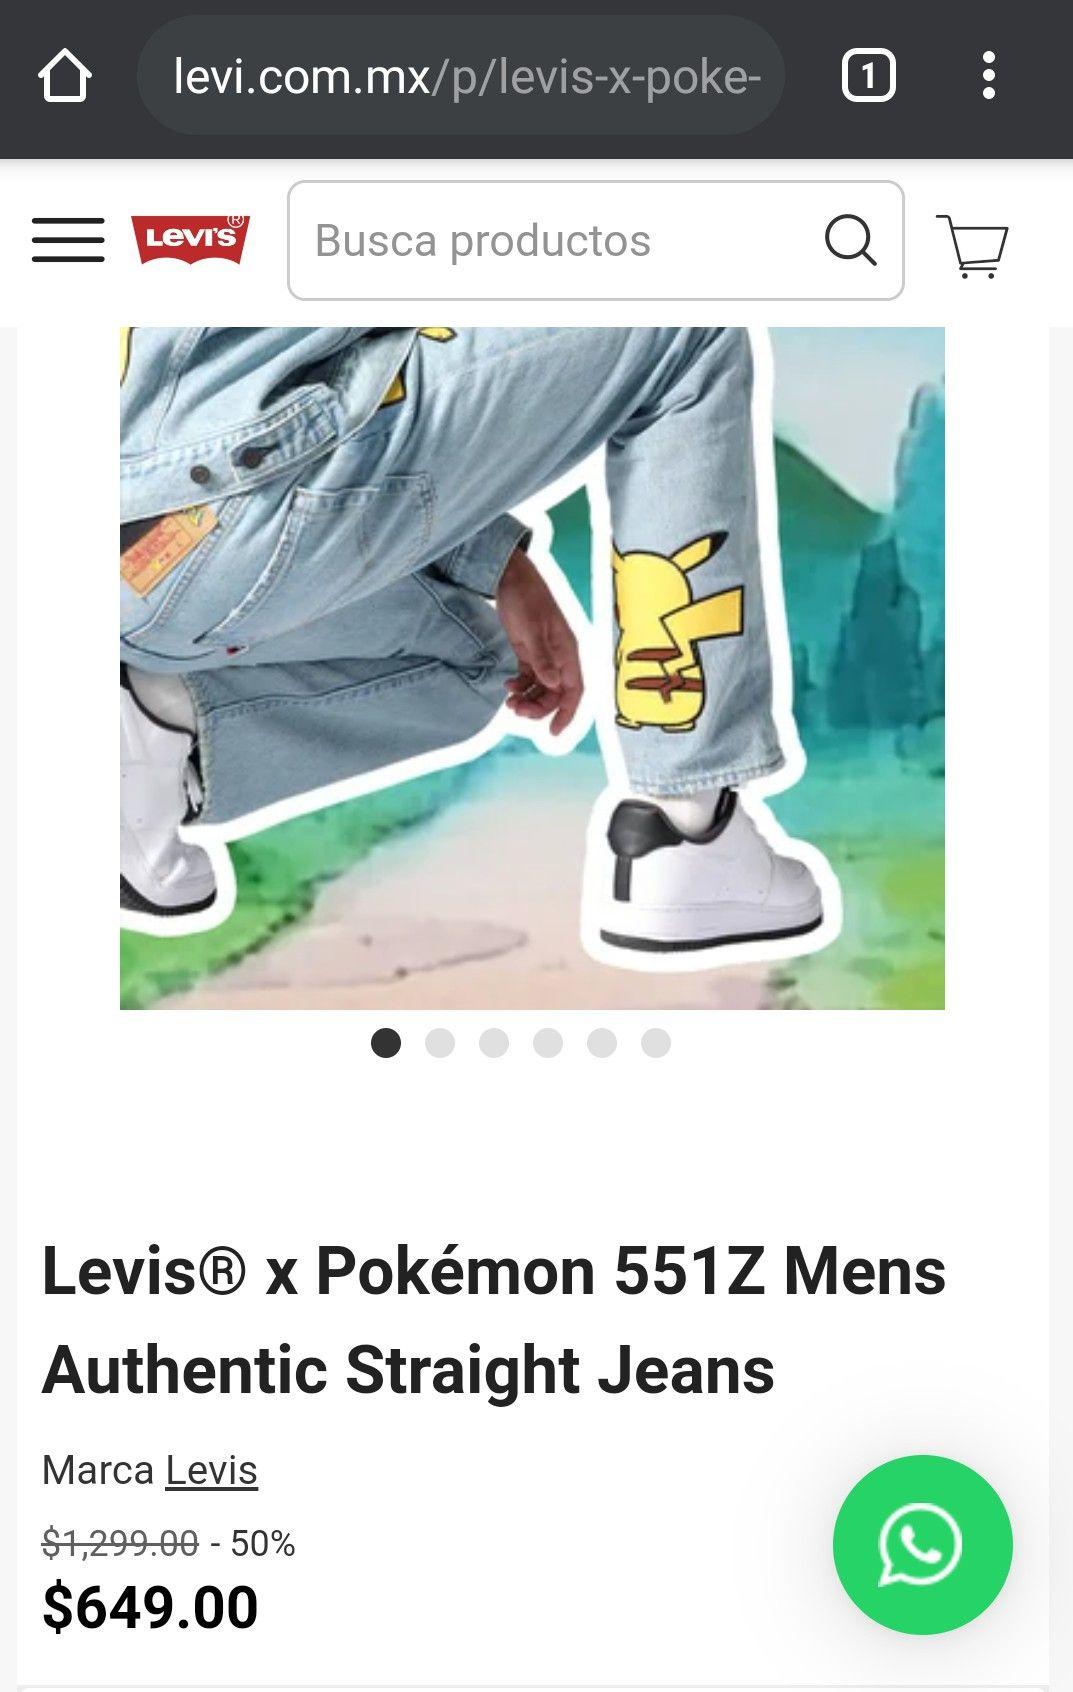 Pantalón Levi's x Pokémon 551Z